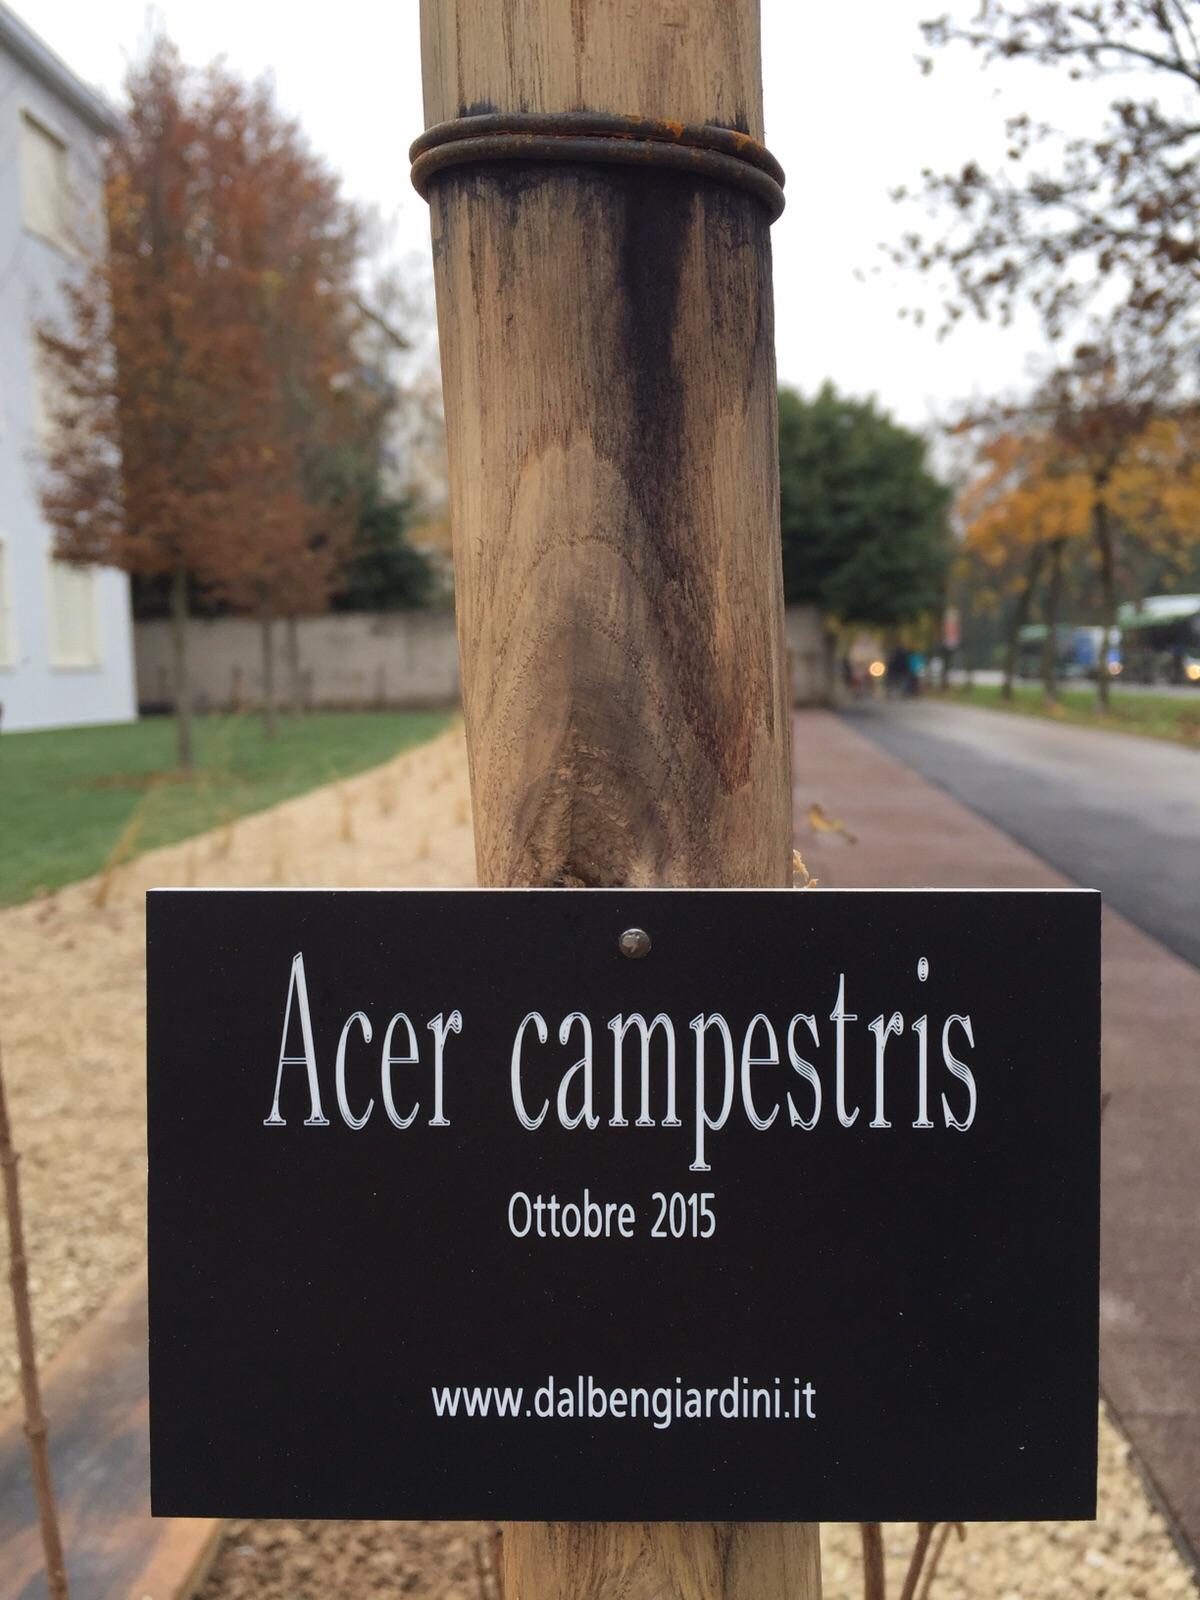 Teatro_Alcuni_Acer_Campestris